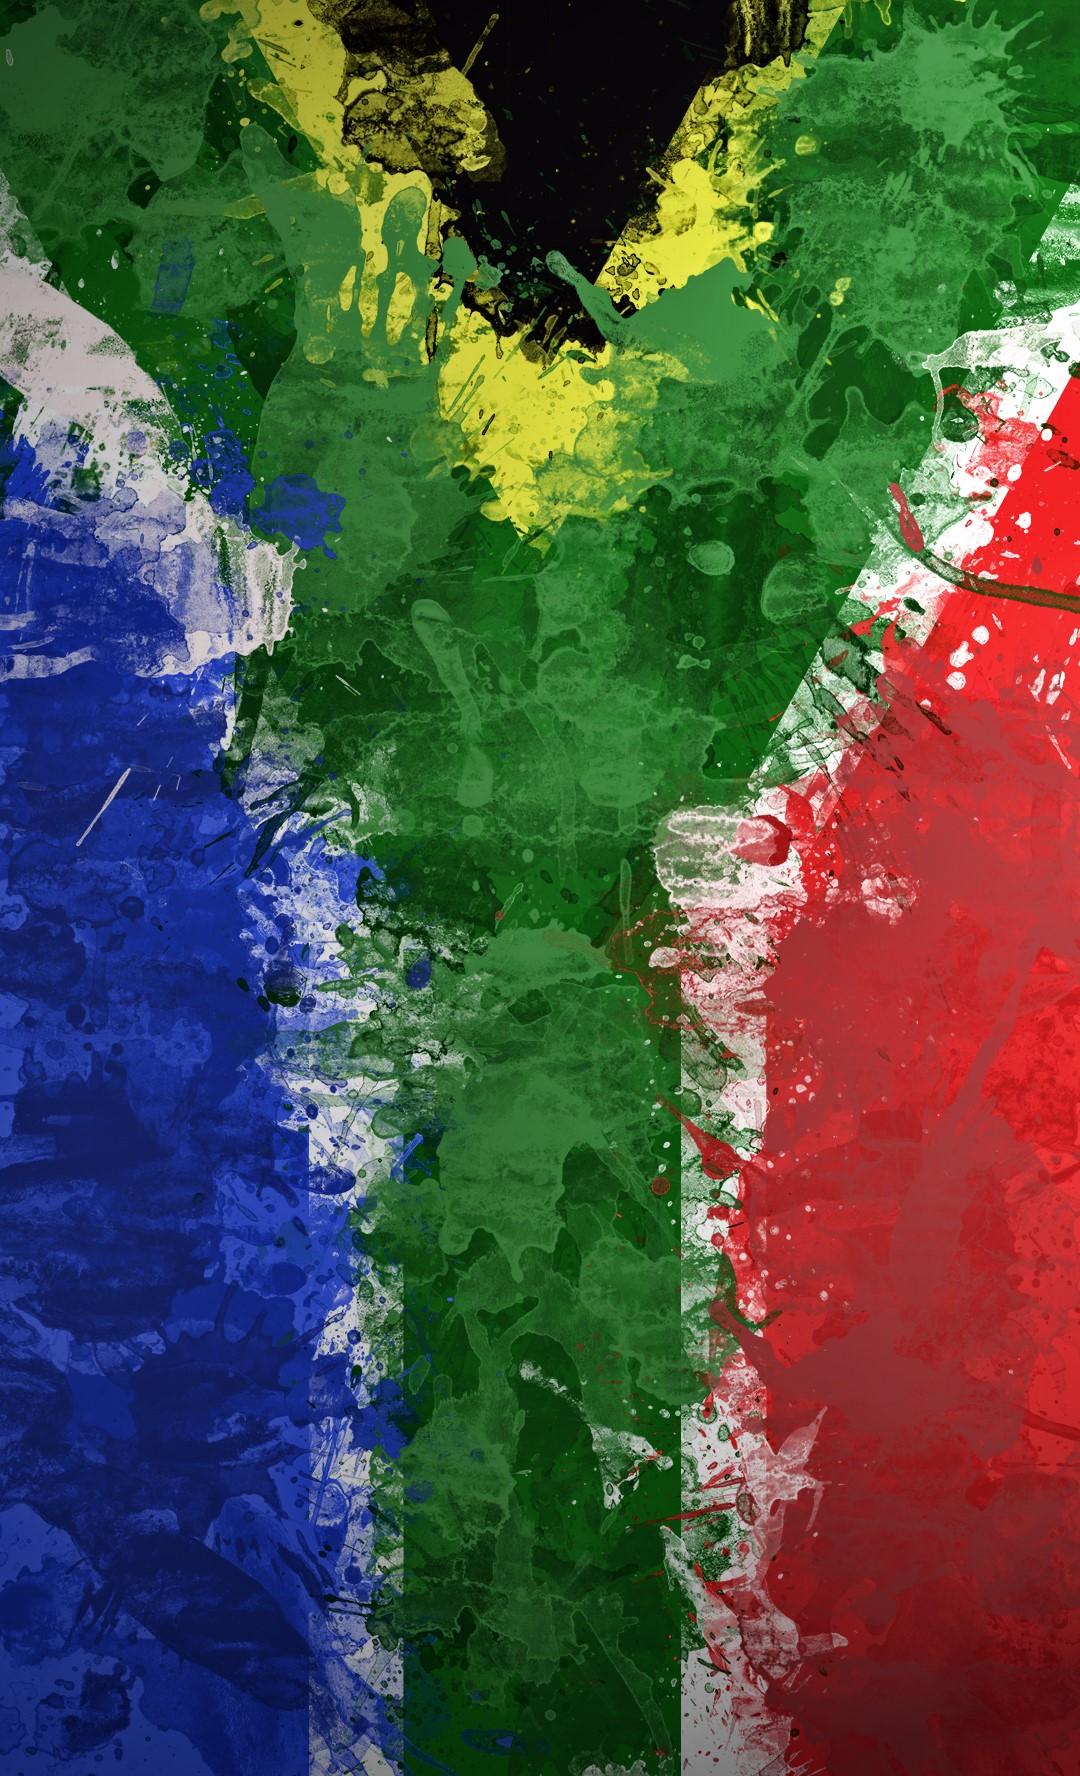 Free download South African Flag Wallpaper wwwpixsharkcom